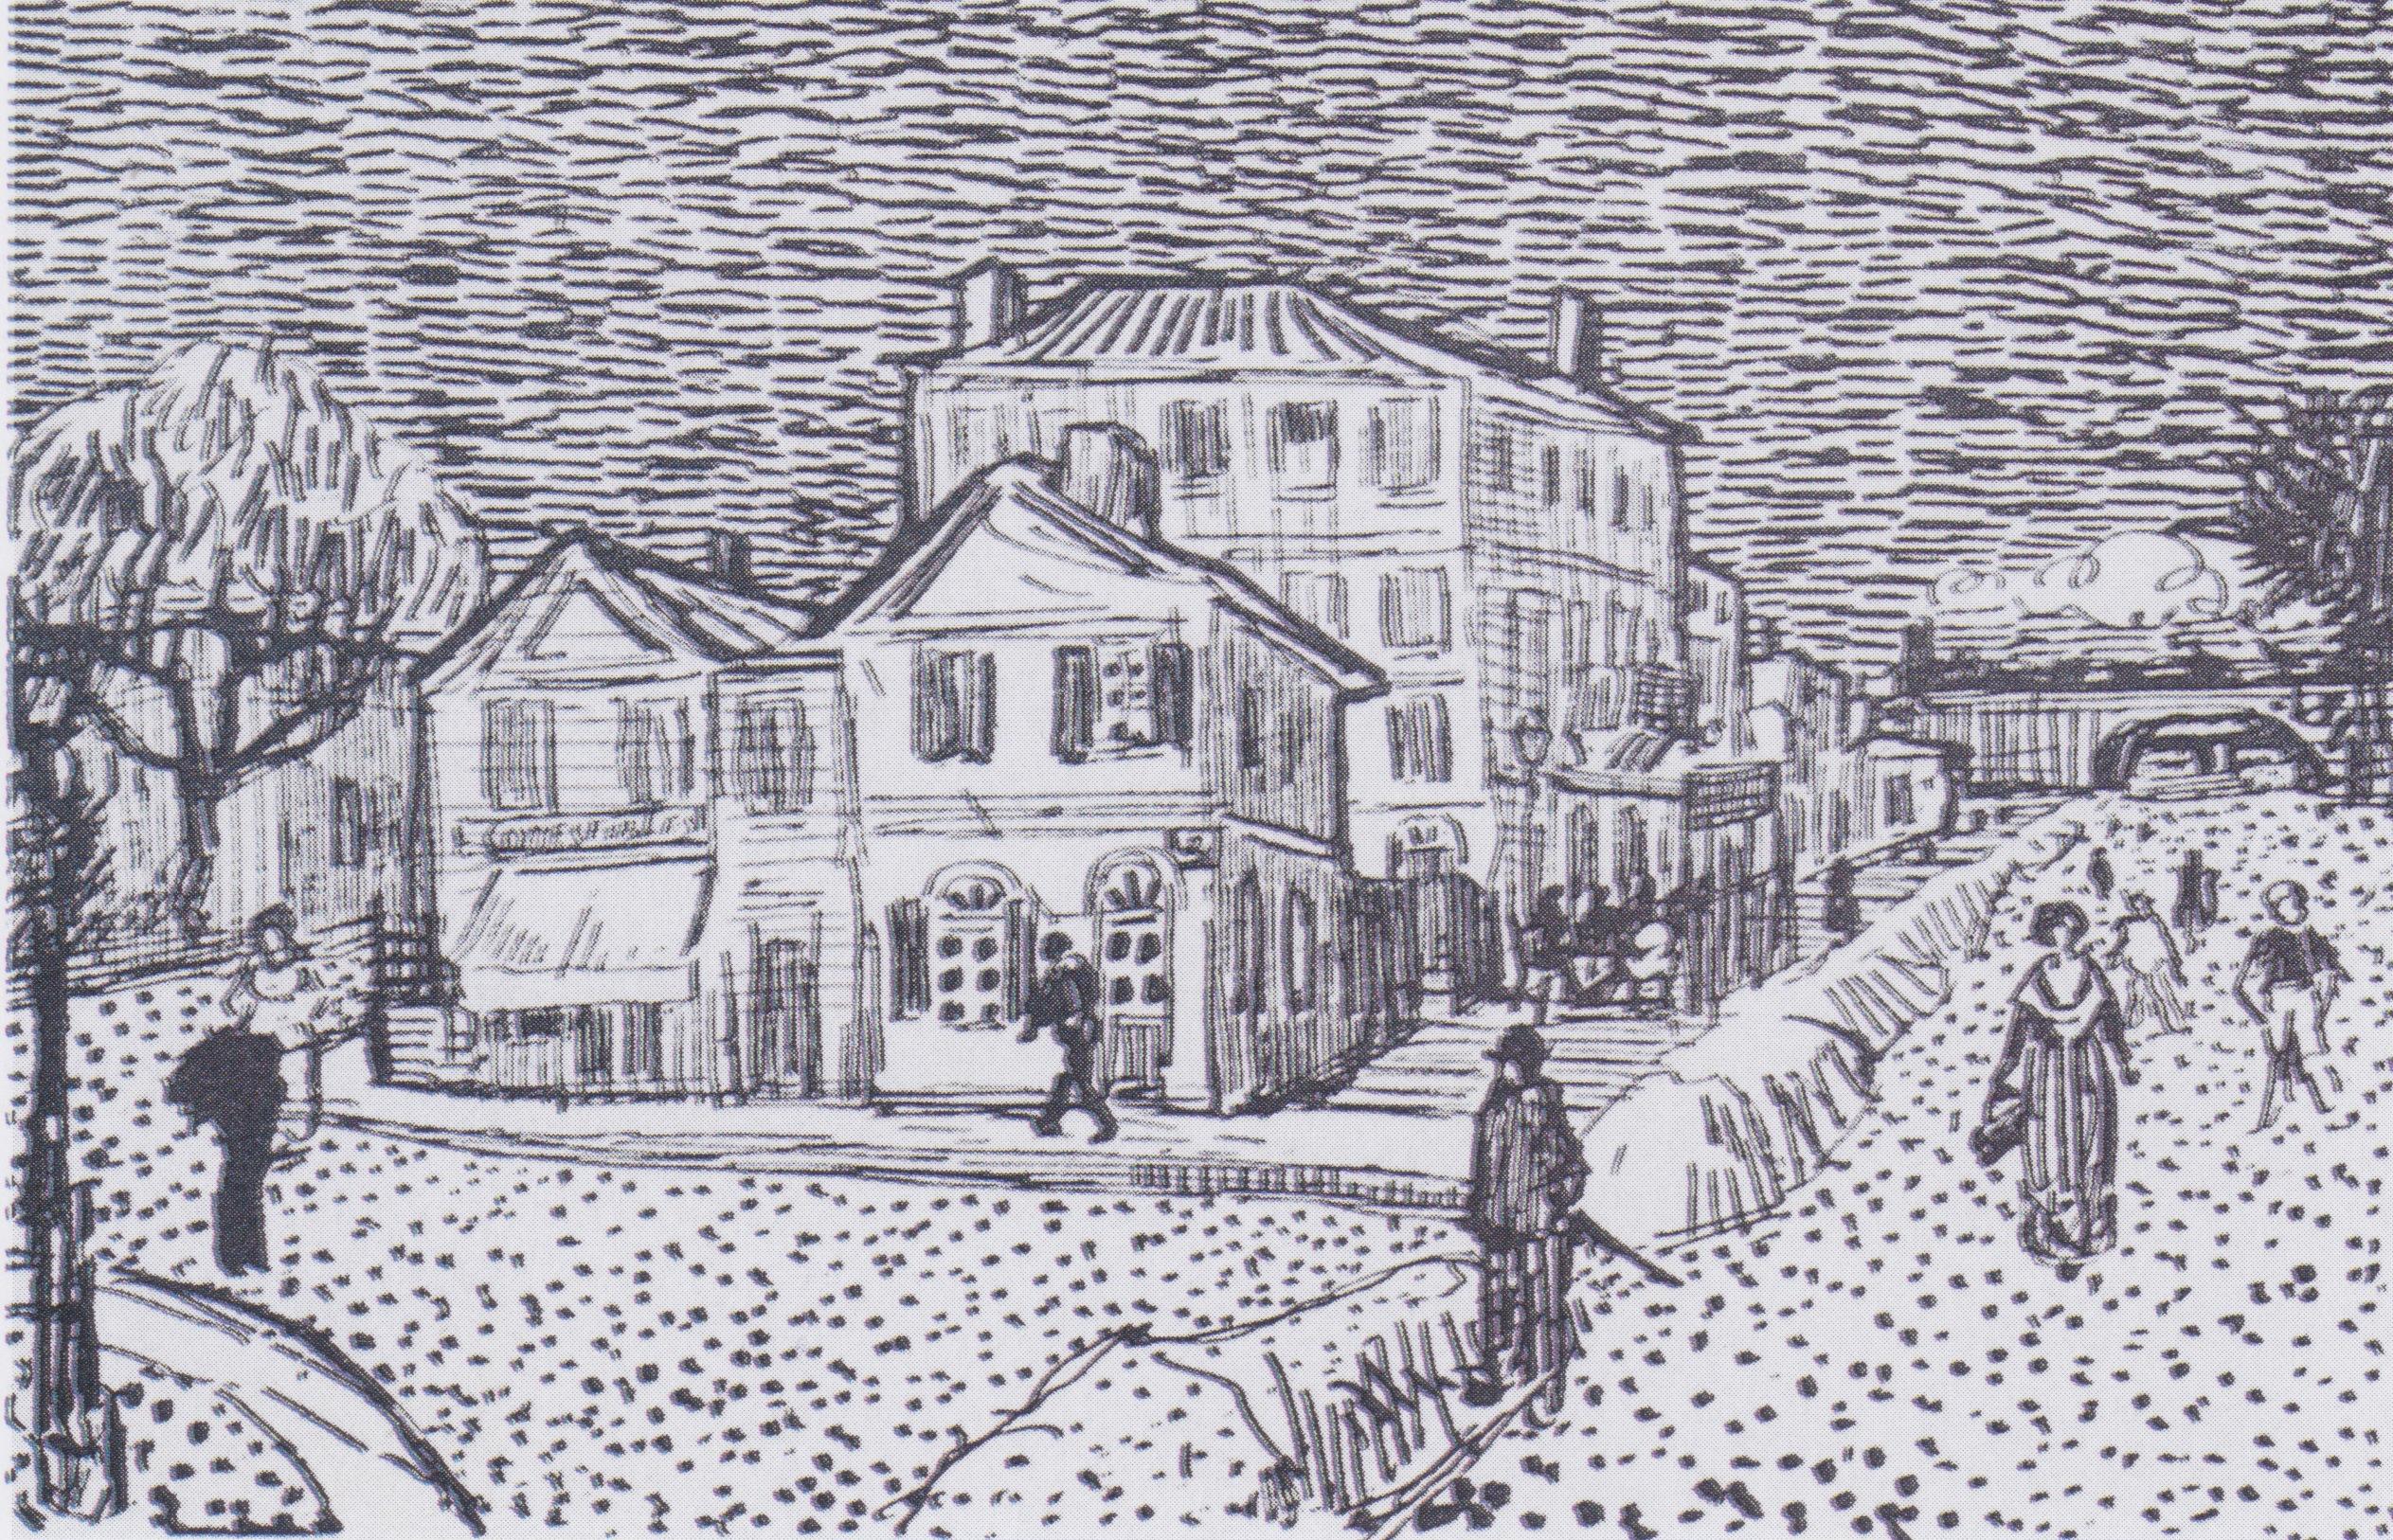 File:Van Gogh - Das gelbe Haus (Vincents Haus).jpeg.